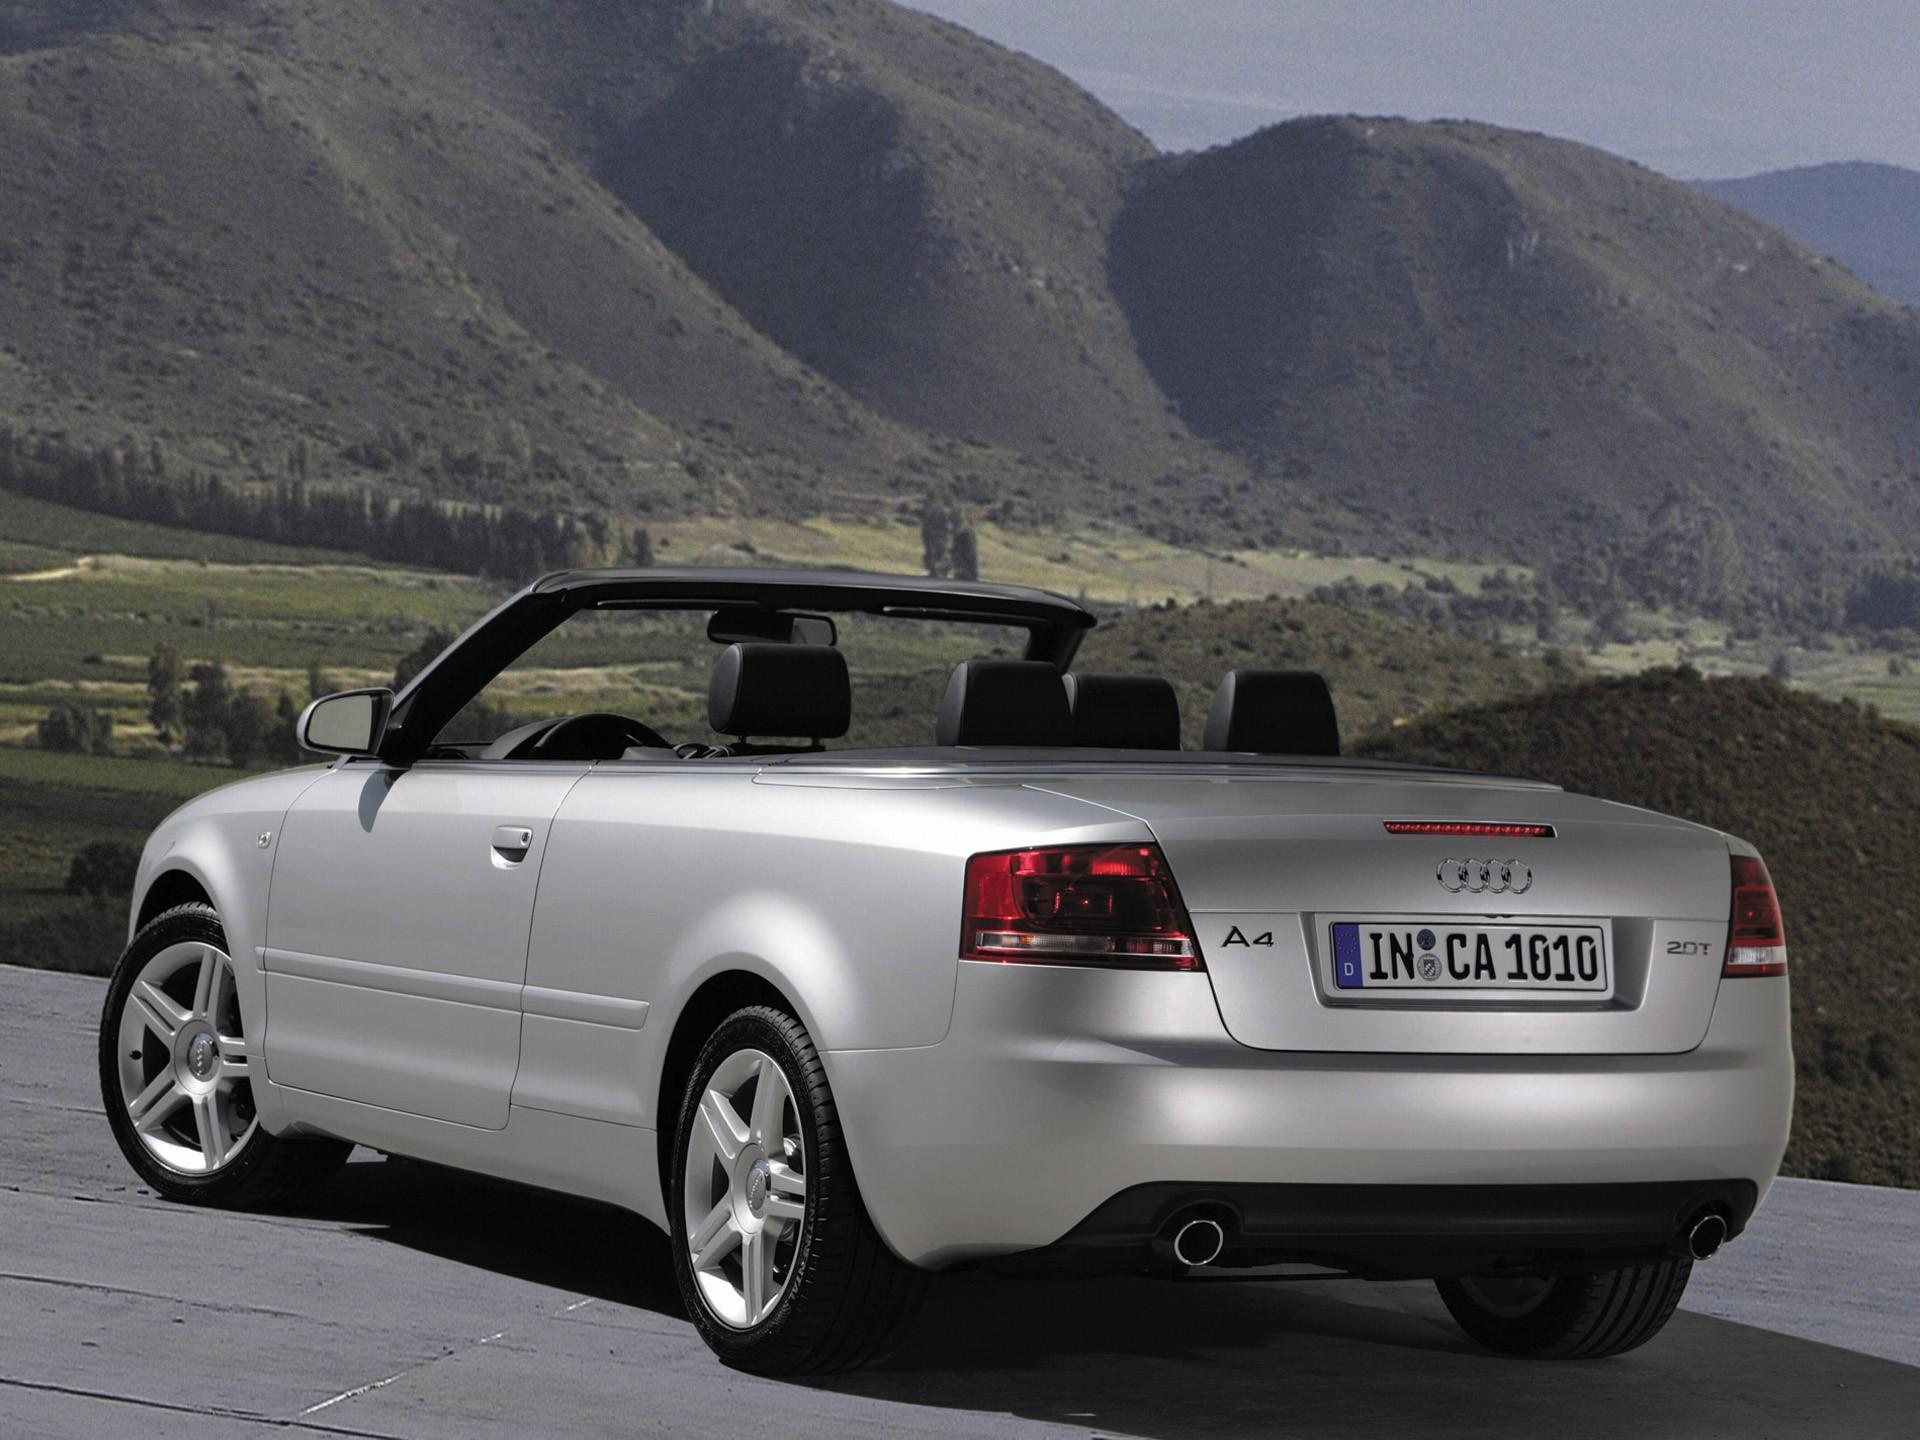 2006 Audi A4 2.0 T >> AUDI A4 Cabriolet - 2005, 2006, 2007, 2008 - autoevolution